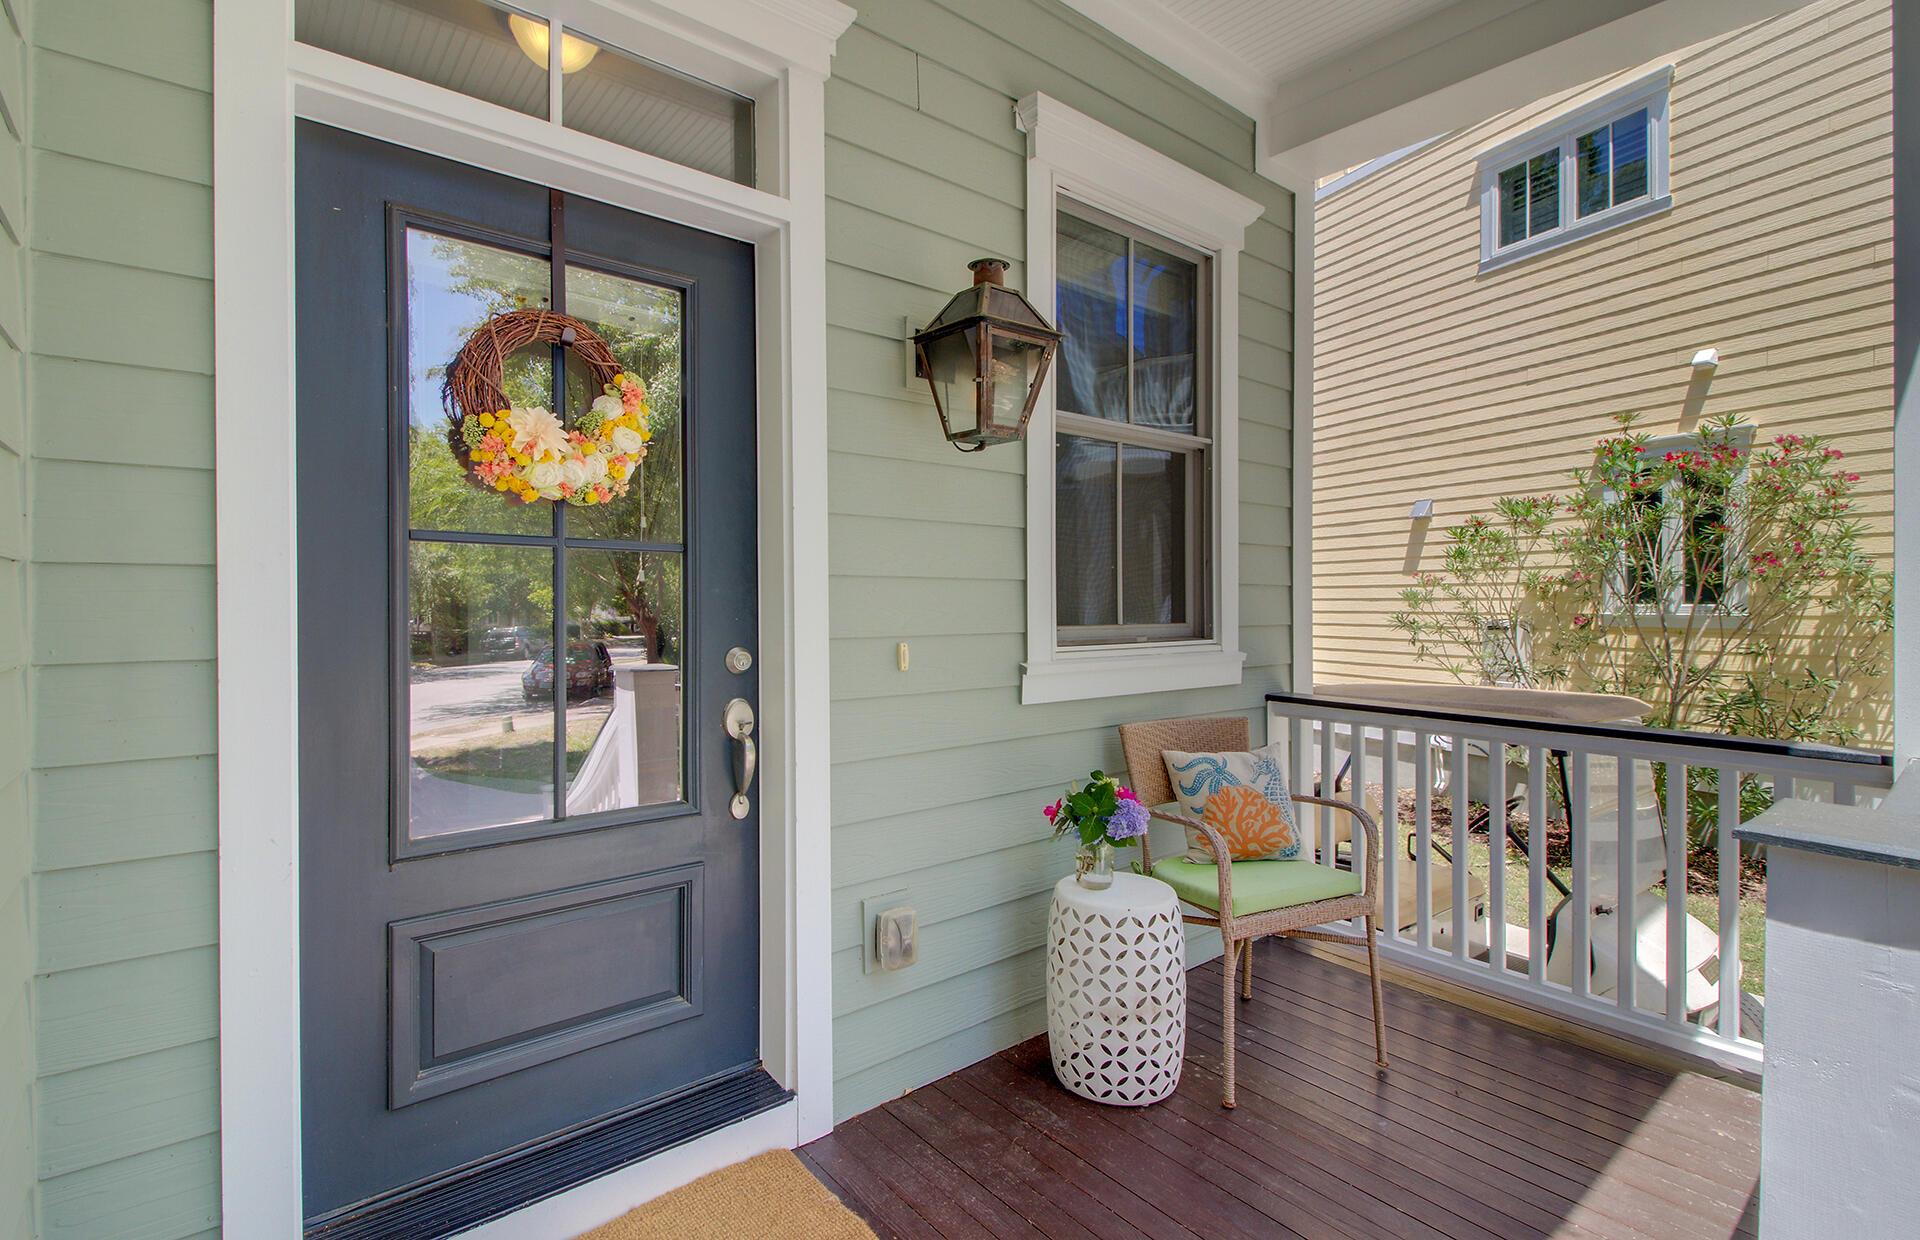 Phillips Park Homes For Sale - 1129 Phillips Park, Mount Pleasant, SC - 27